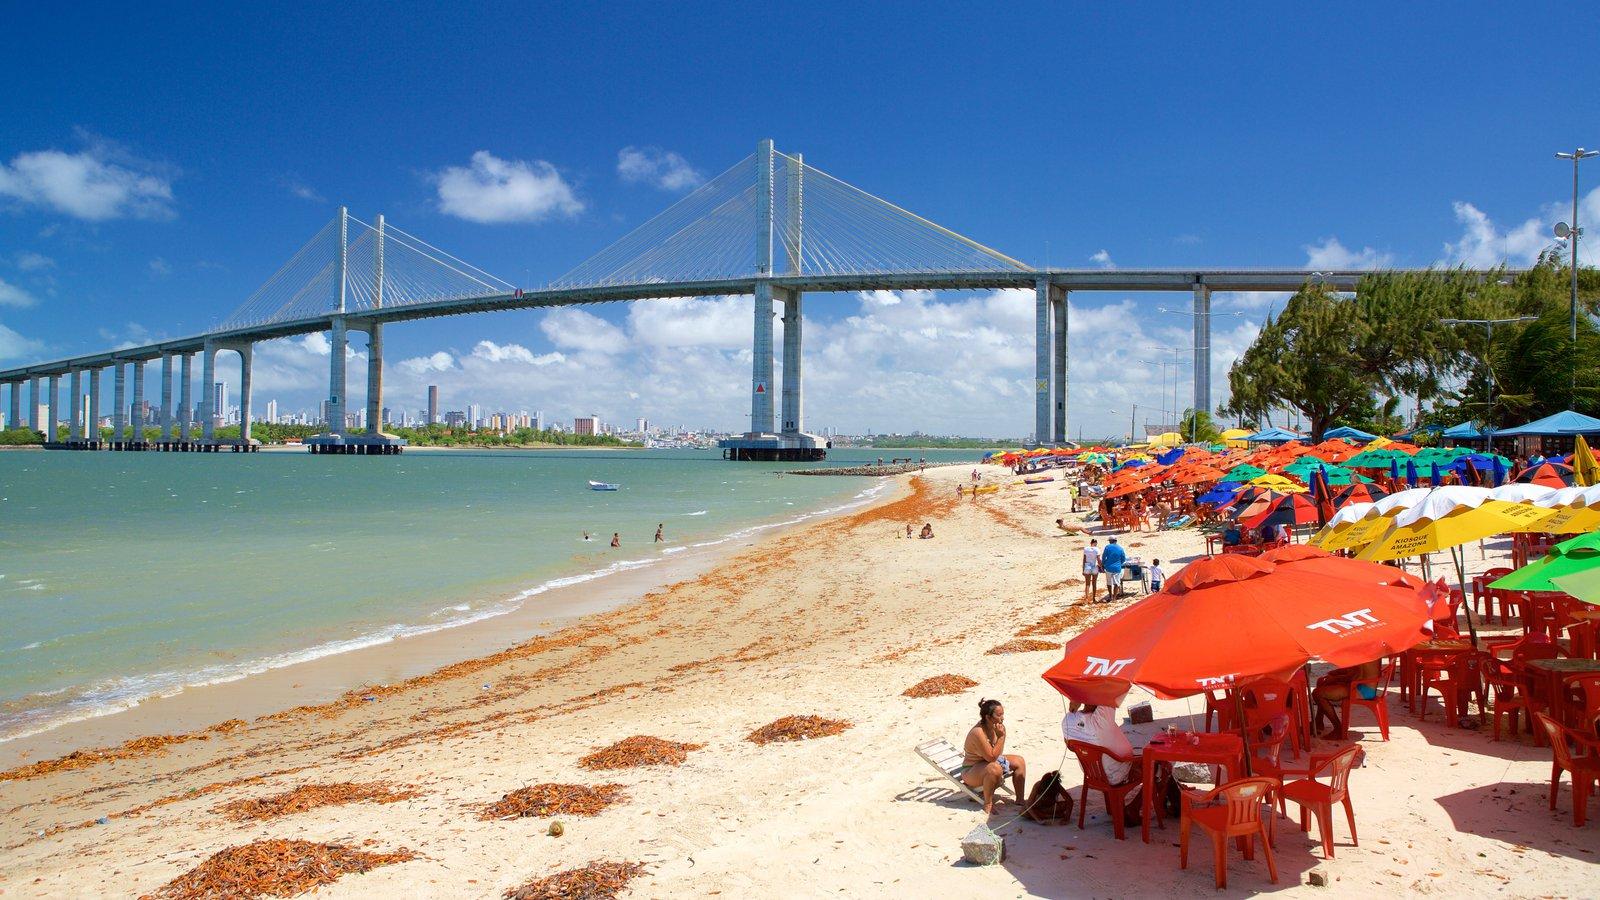 Praia da Redinha mostrando paisagens litorâneas, uma ponte e uma baía ou porto